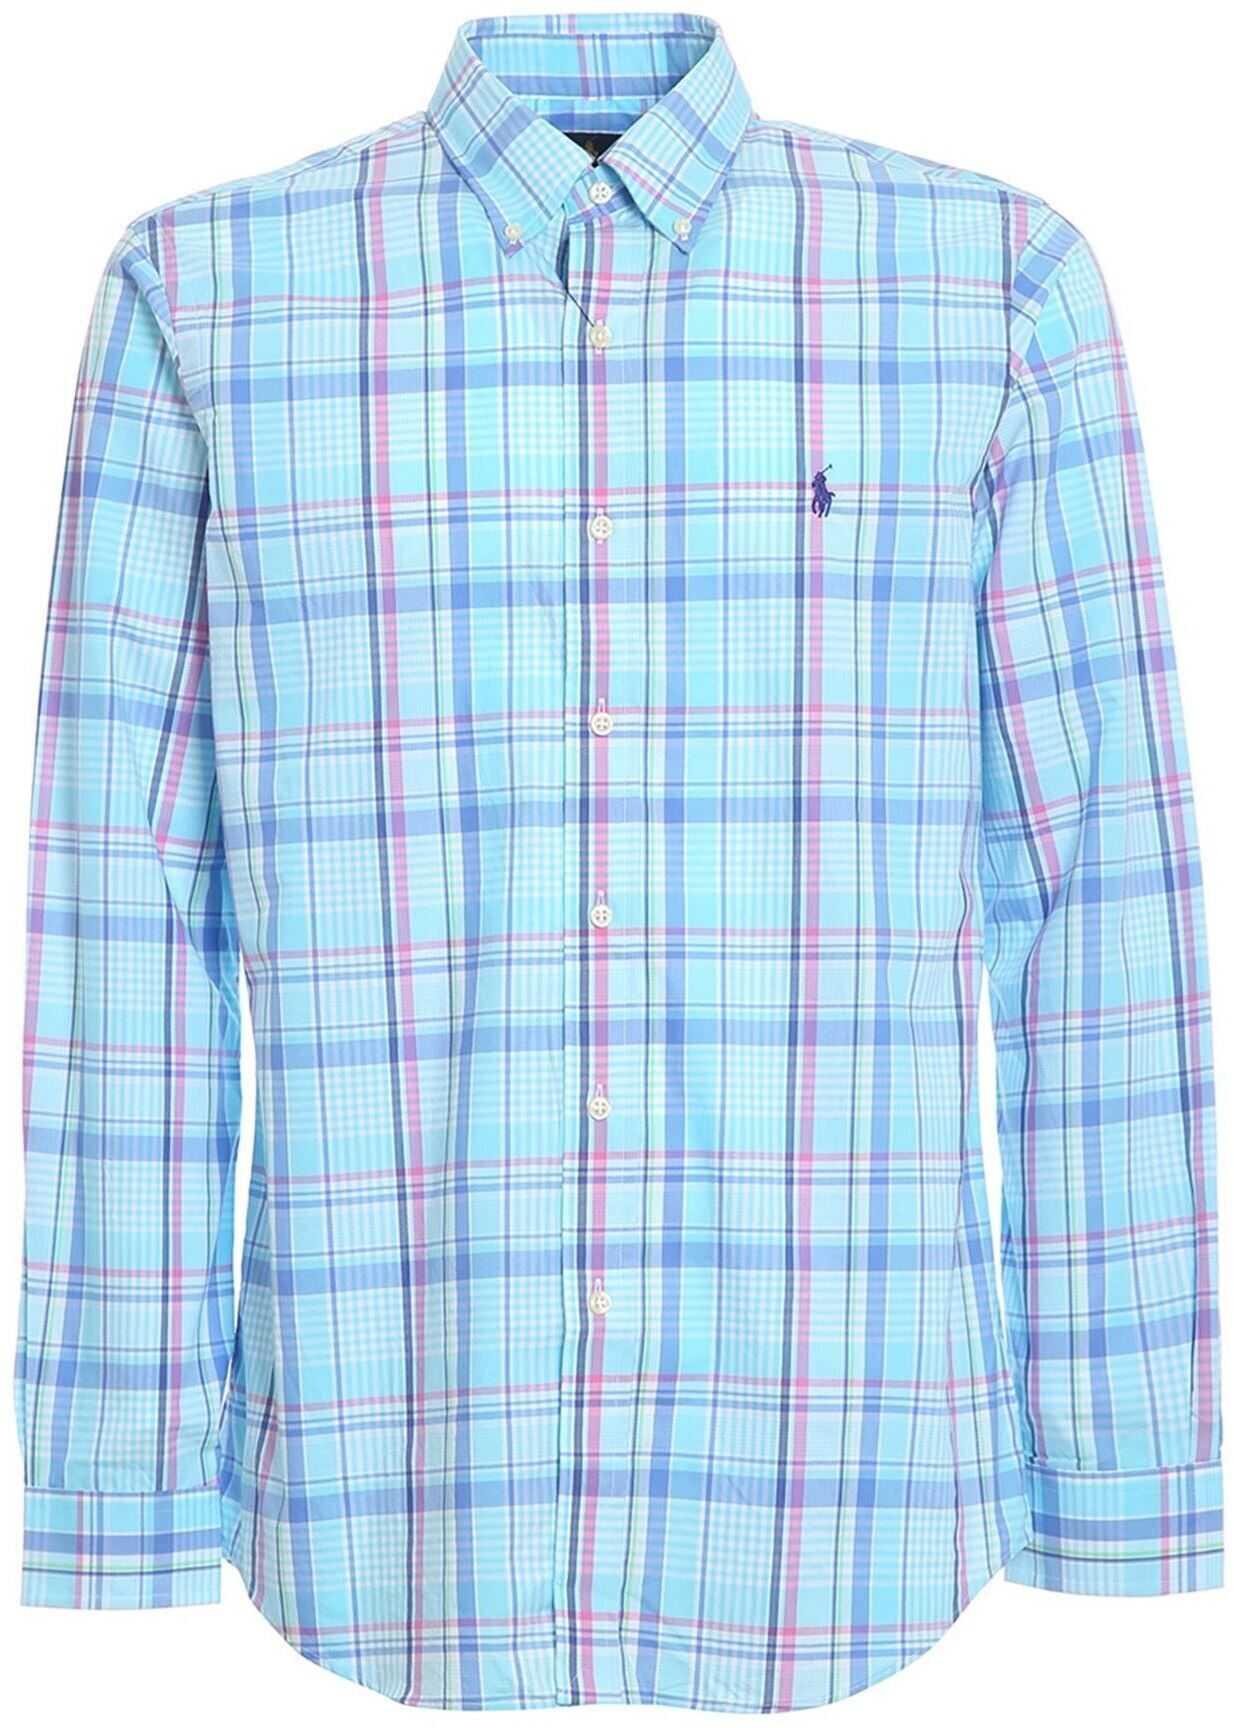 Ralph Lauren Tartan Printed Poplin Shirt Light Blue imagine